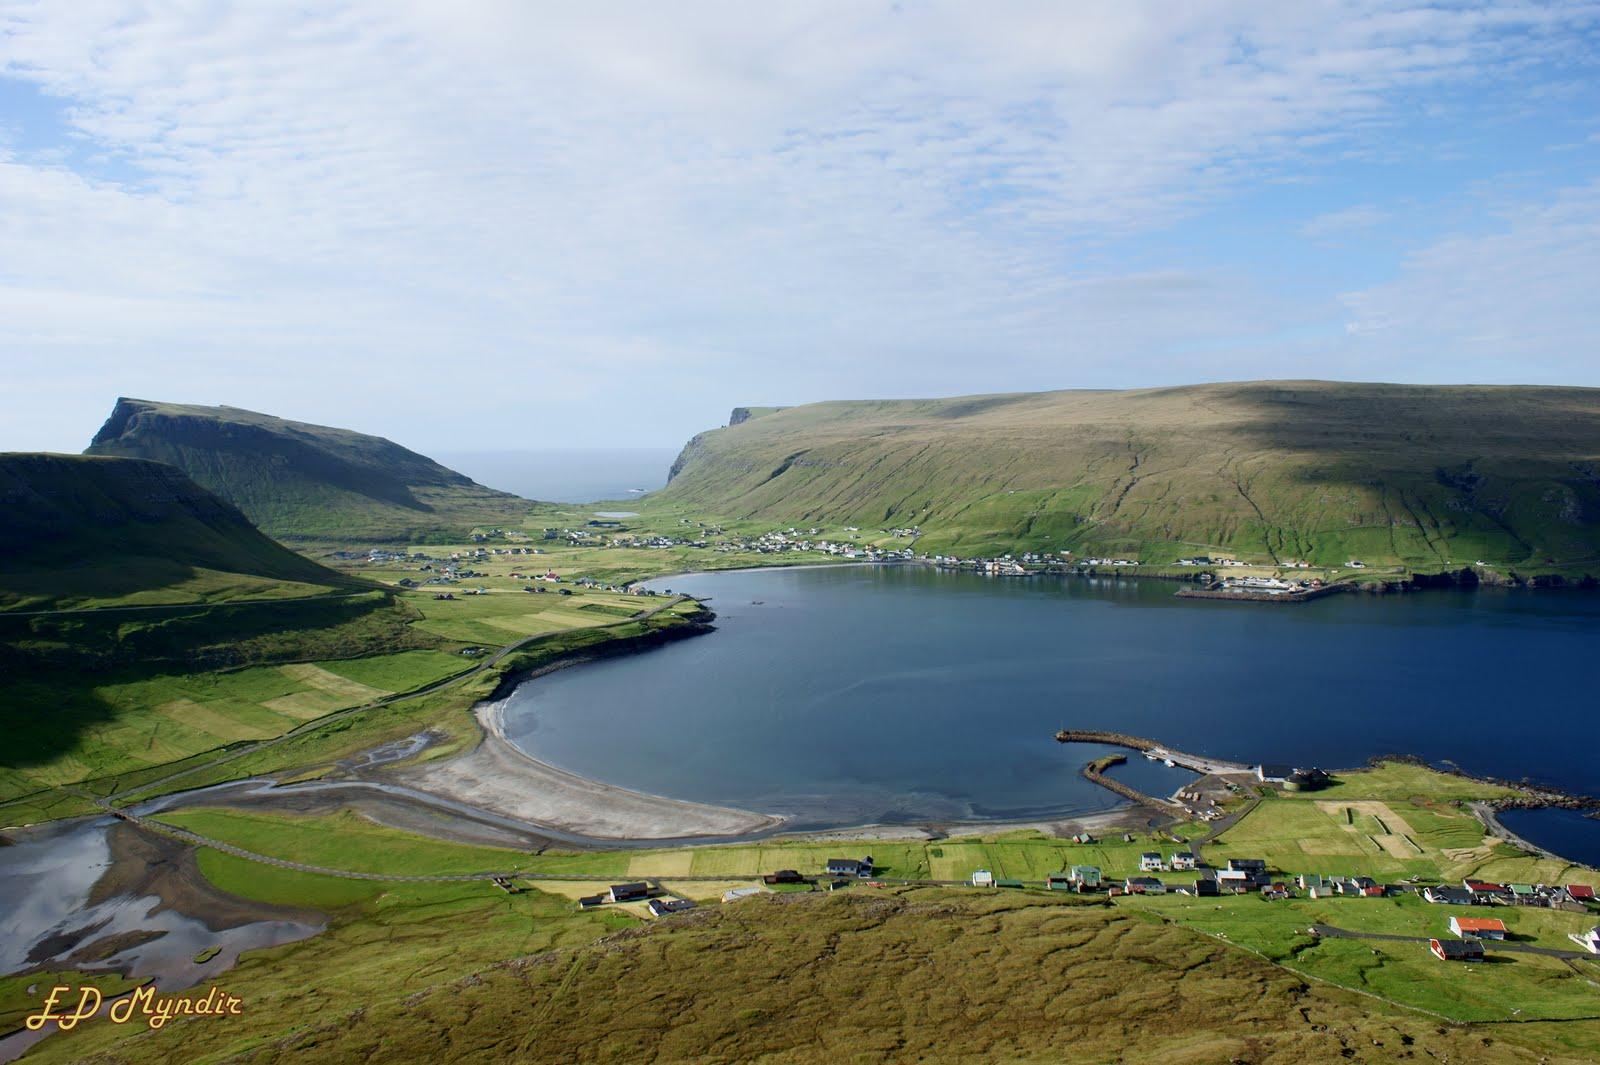 Saksun, një fshat i nxjerrë nga përrallat! Hvalba+-+Faroe+Islands